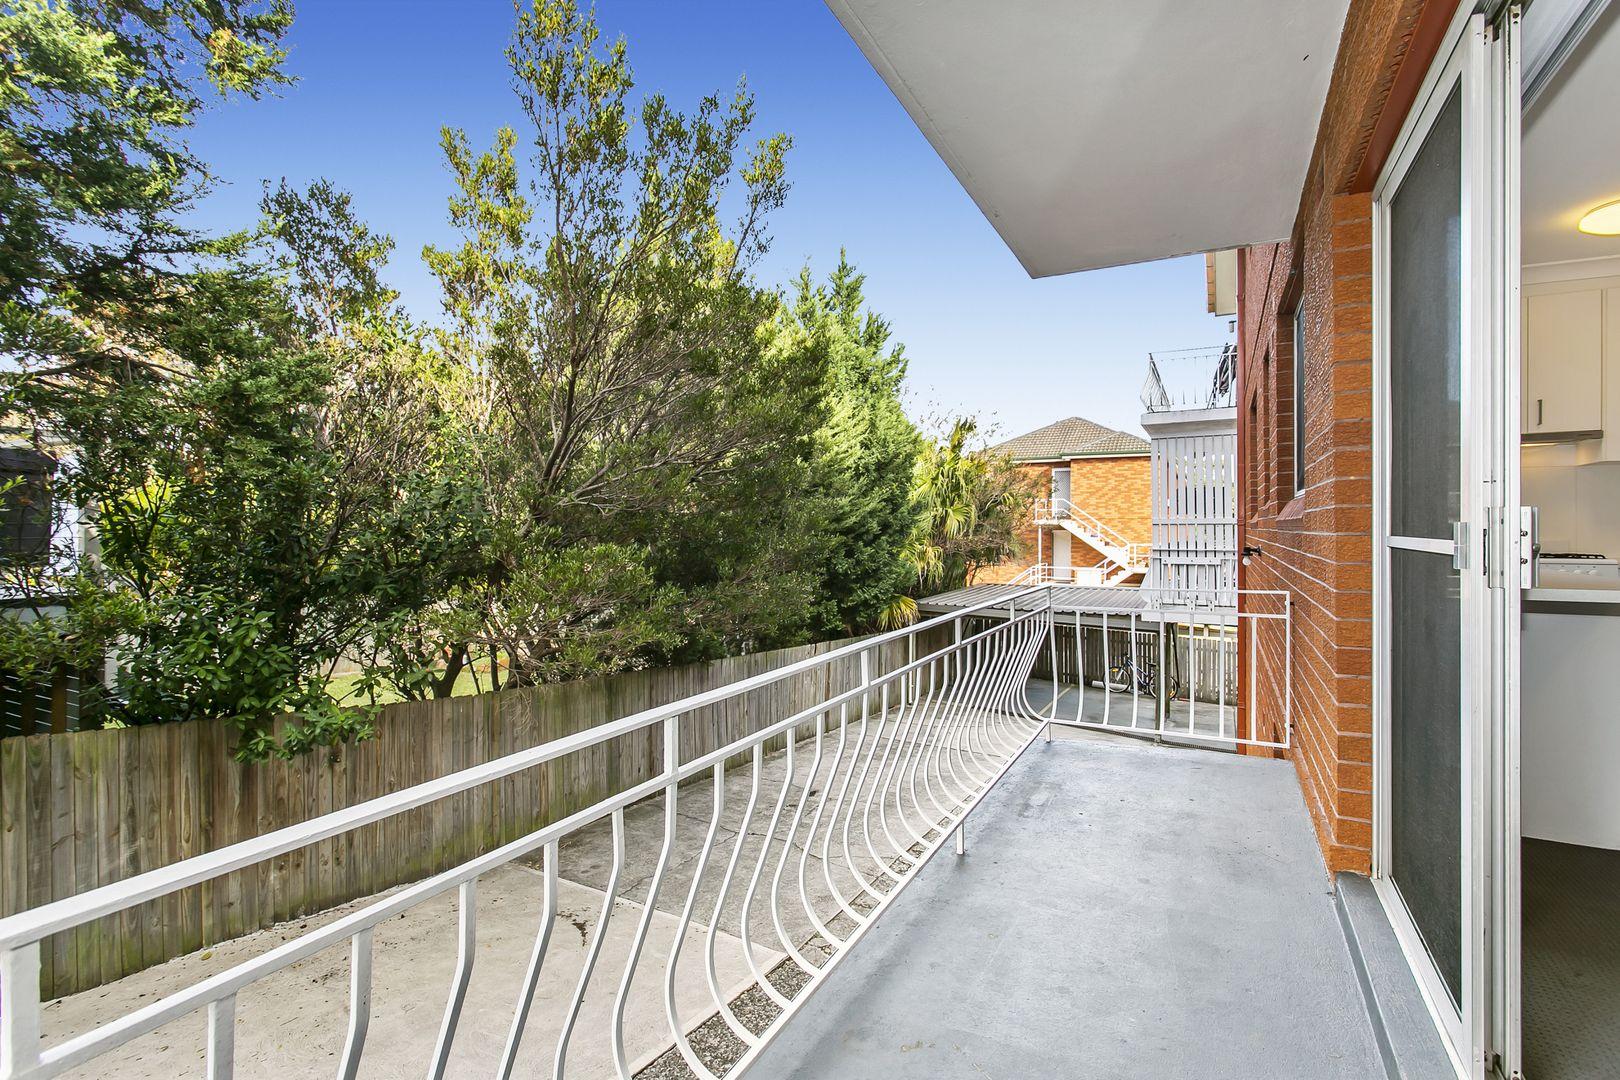 3/16 Wyadra  Avenue, Freshwater NSW 2096, Image 2